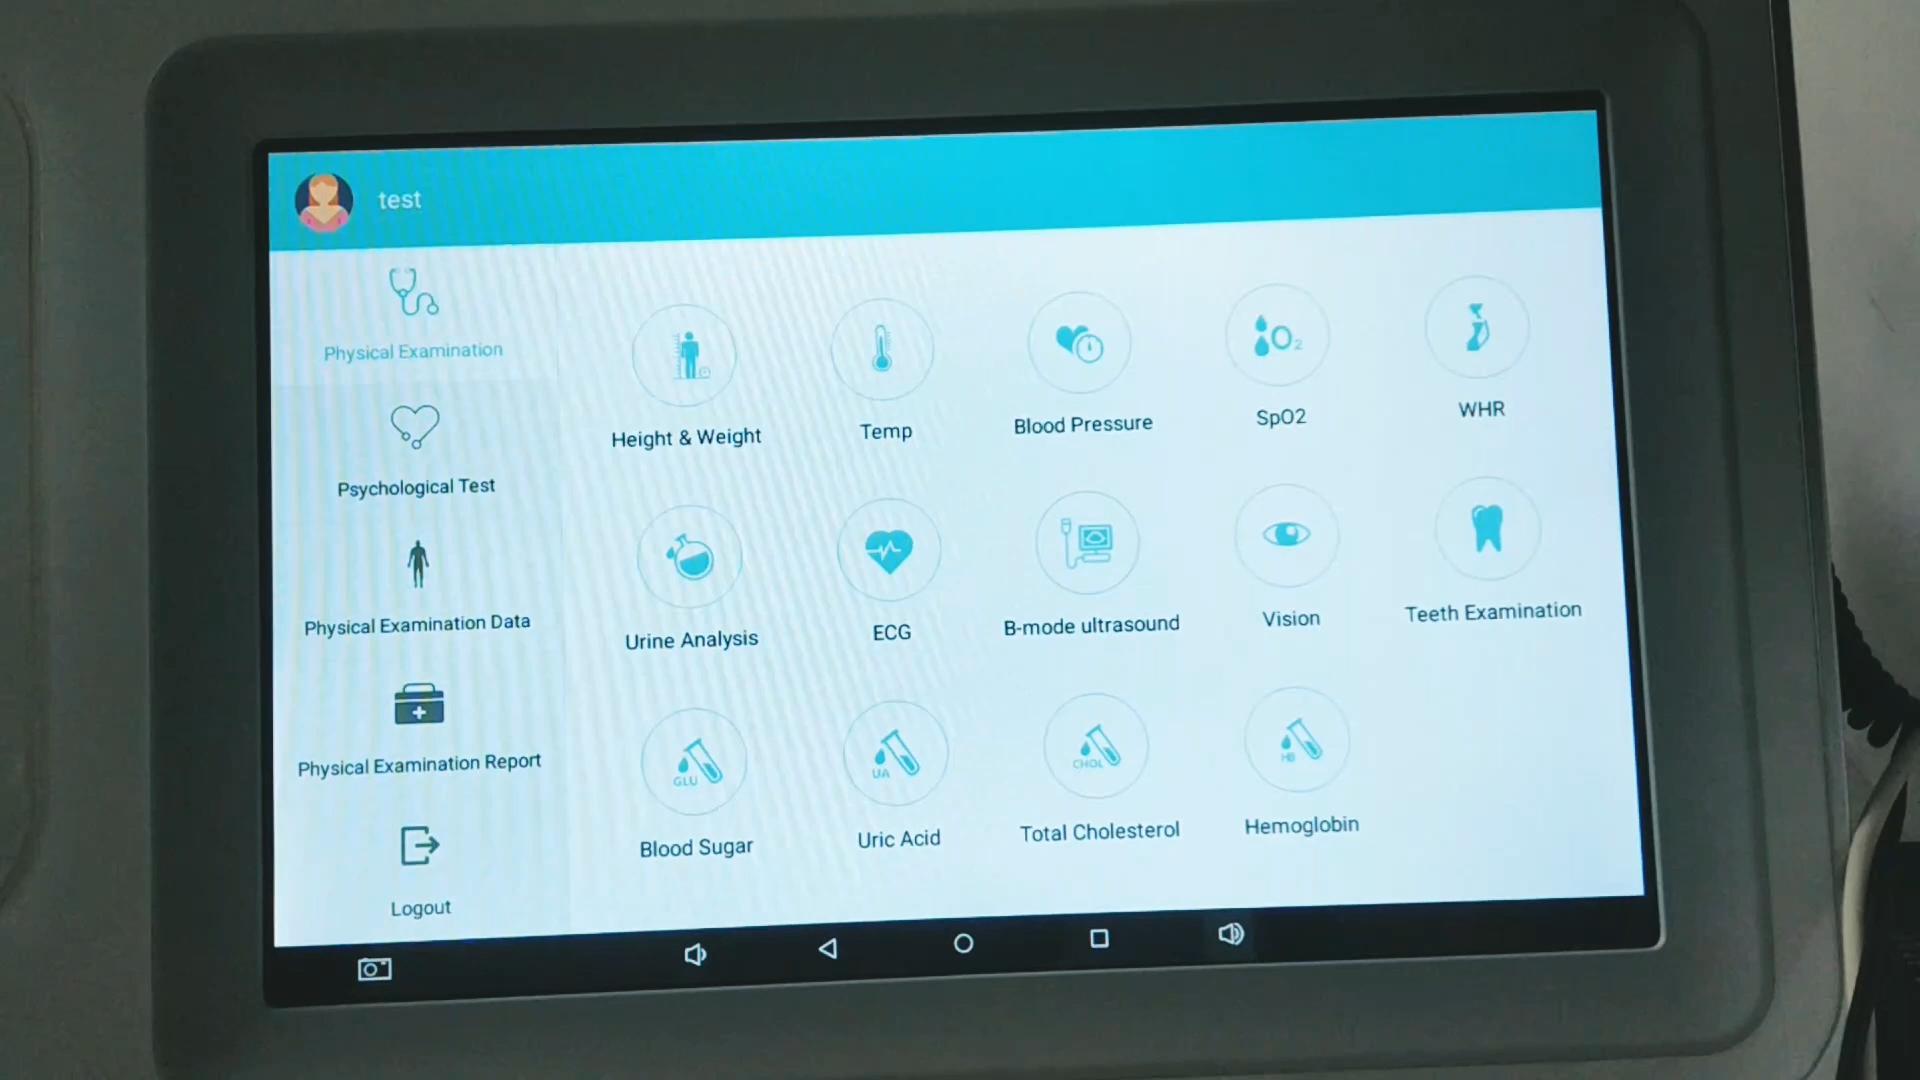 Цифровой монитор артериального давления Omron патологический анализ оборудования быстрый тест портативный ЭКГ машина Bluetooth